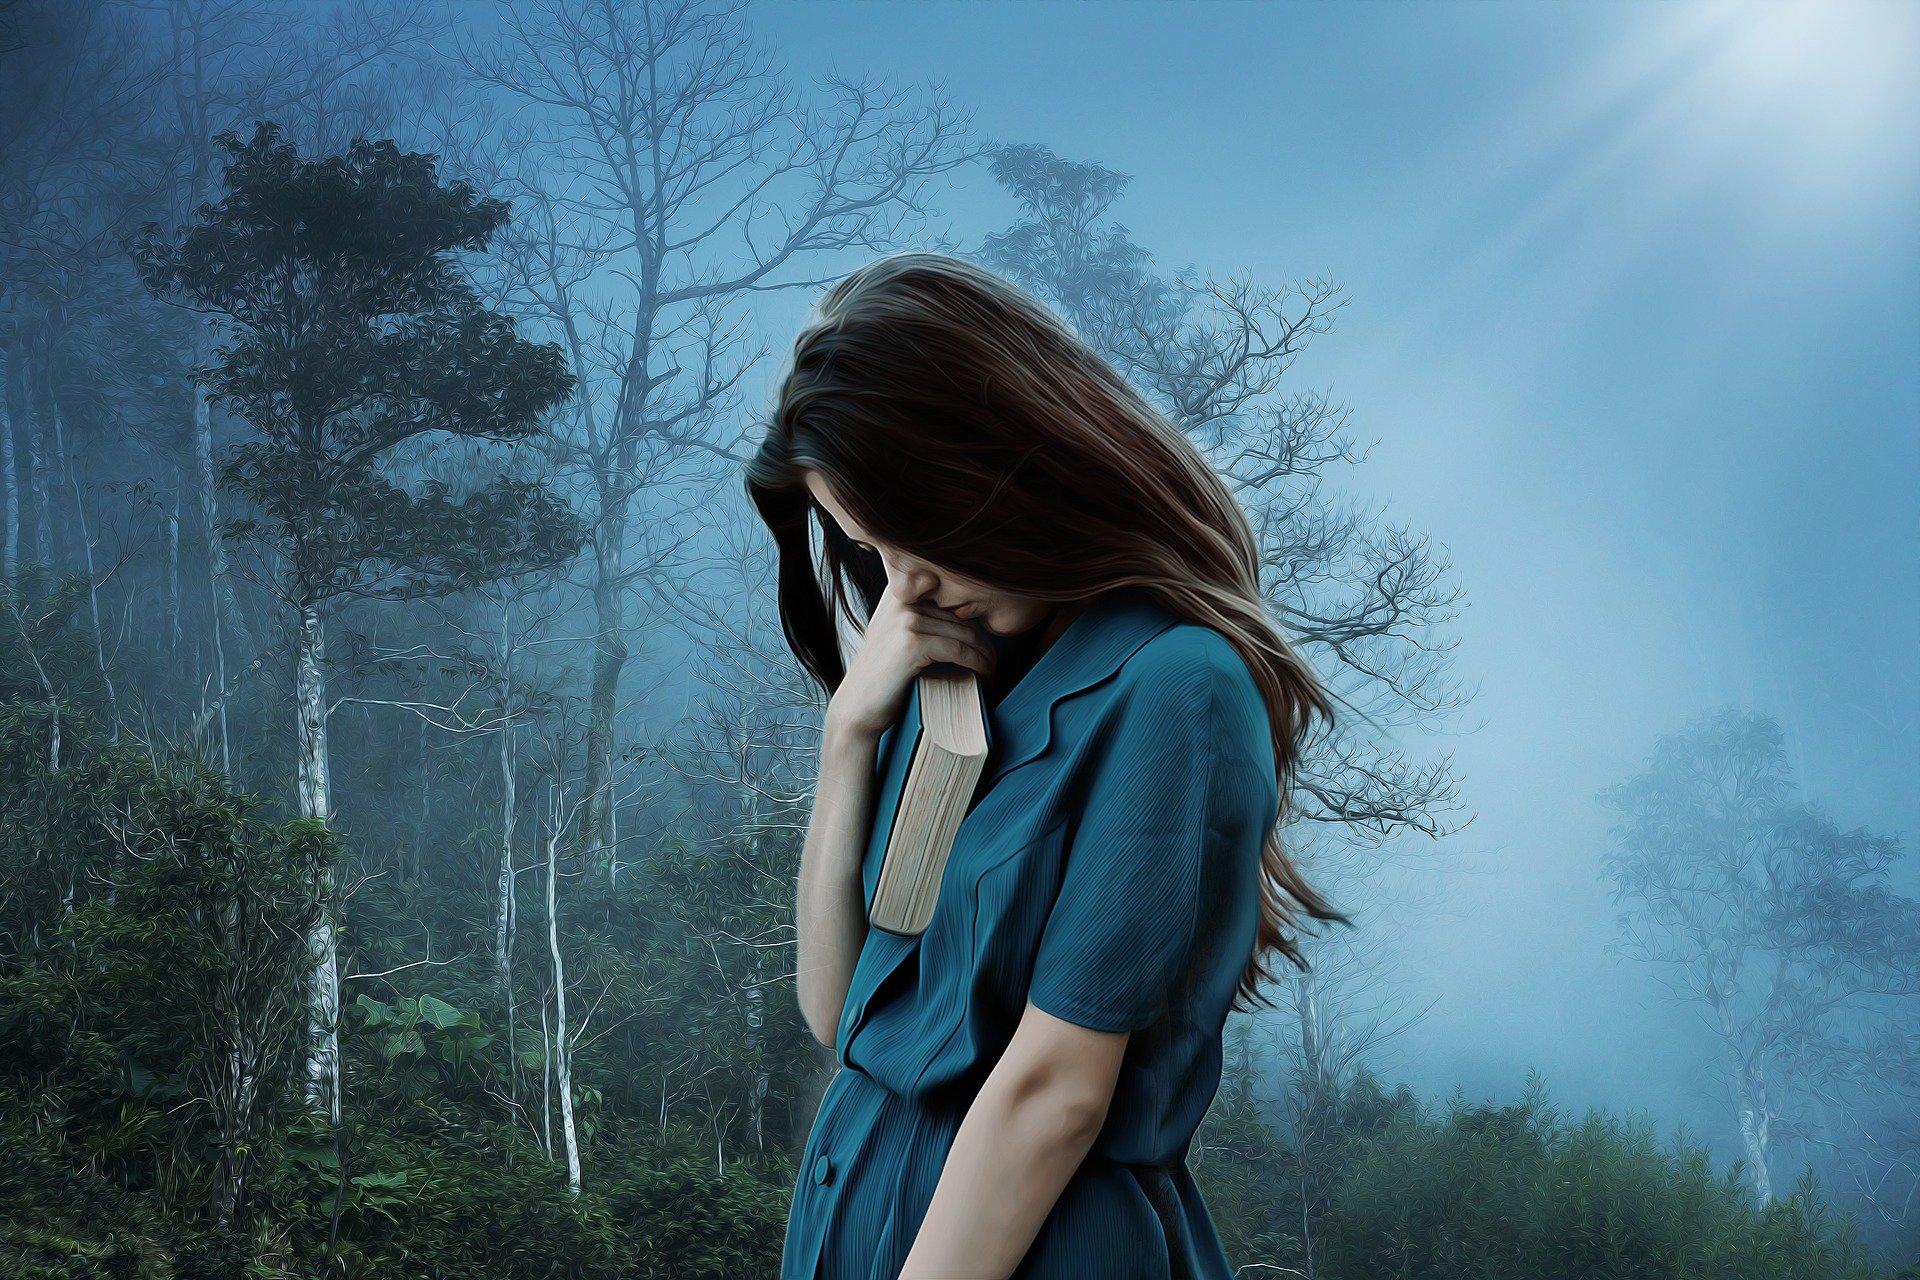 不倫が寂しいと感じたら彼との距離を置くべき時。彼への未練を断ち切ると幸せになれる